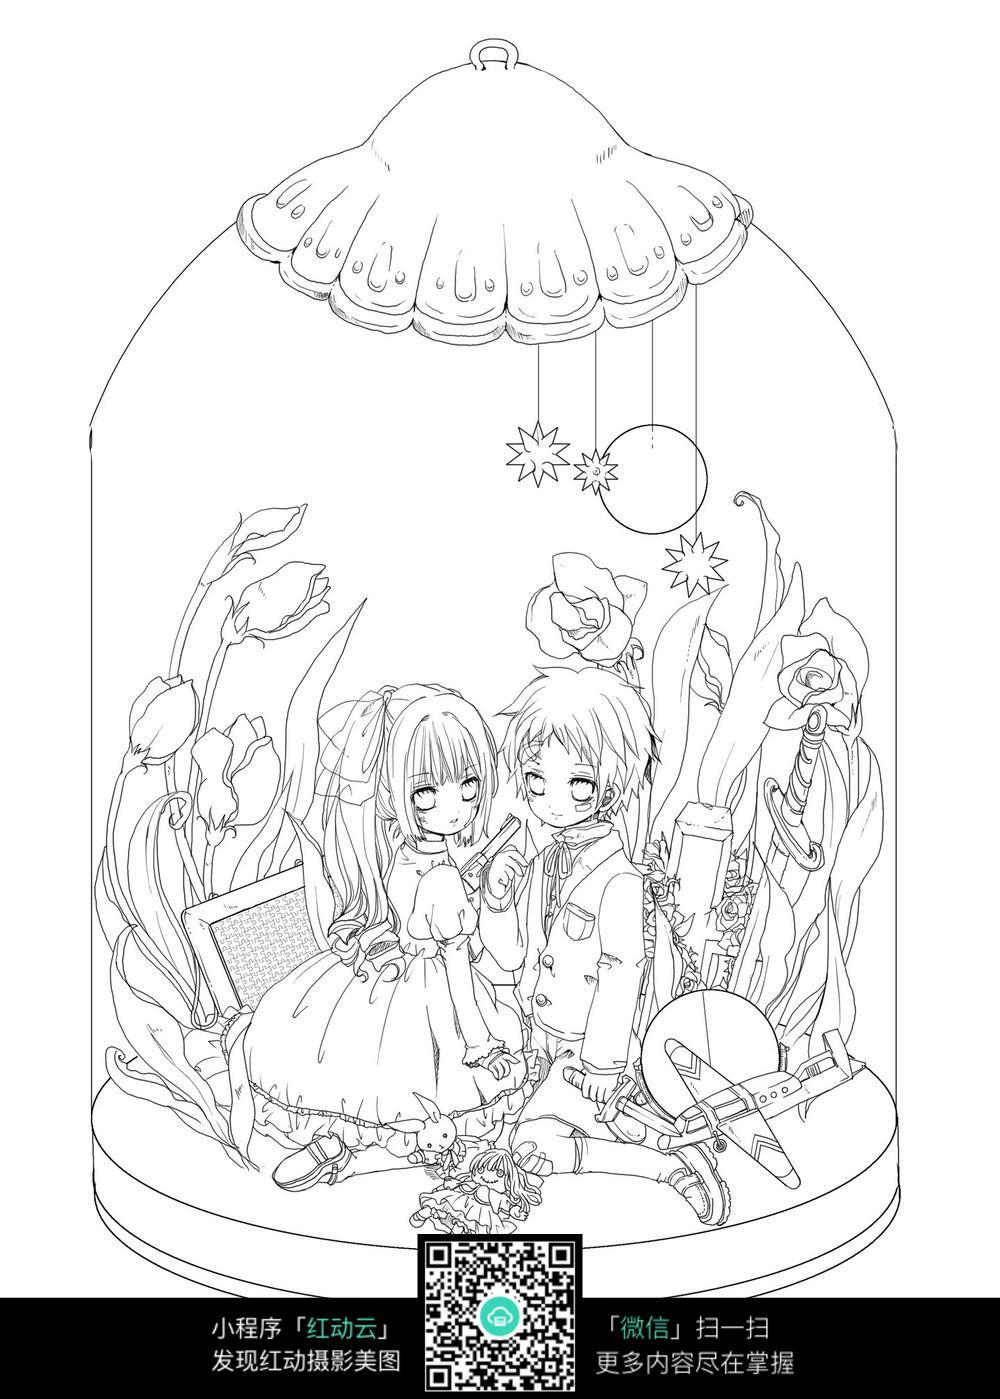 免费素材 图片素材 漫画插画 人物卡通 卡通情侣在玻璃罩里线描  请您